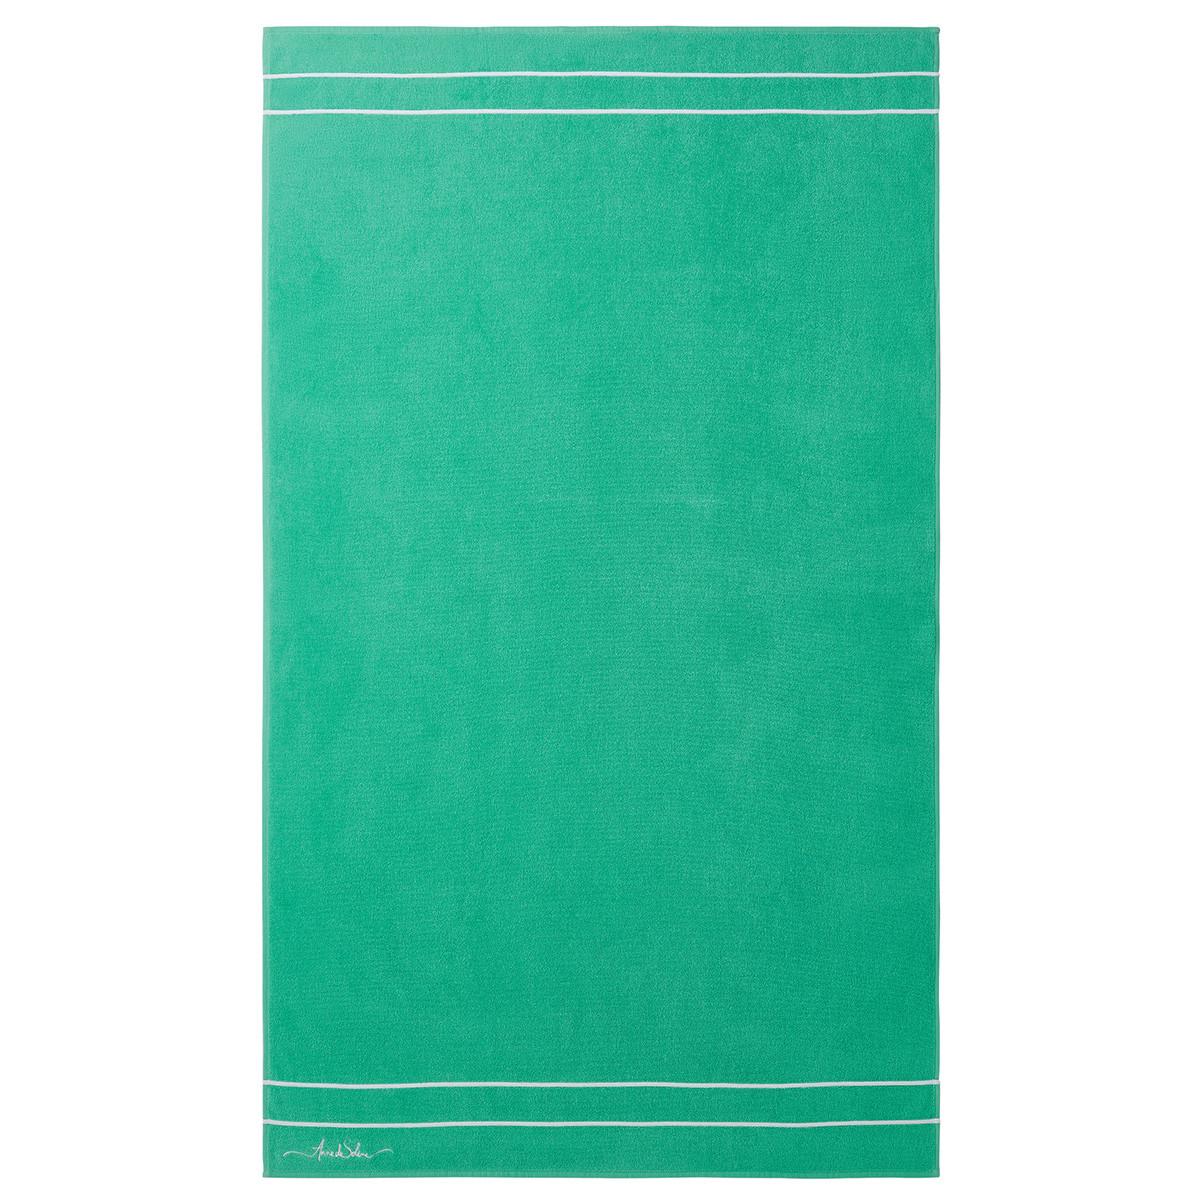 Drap de plage coton 90x160 cm vert d'eau